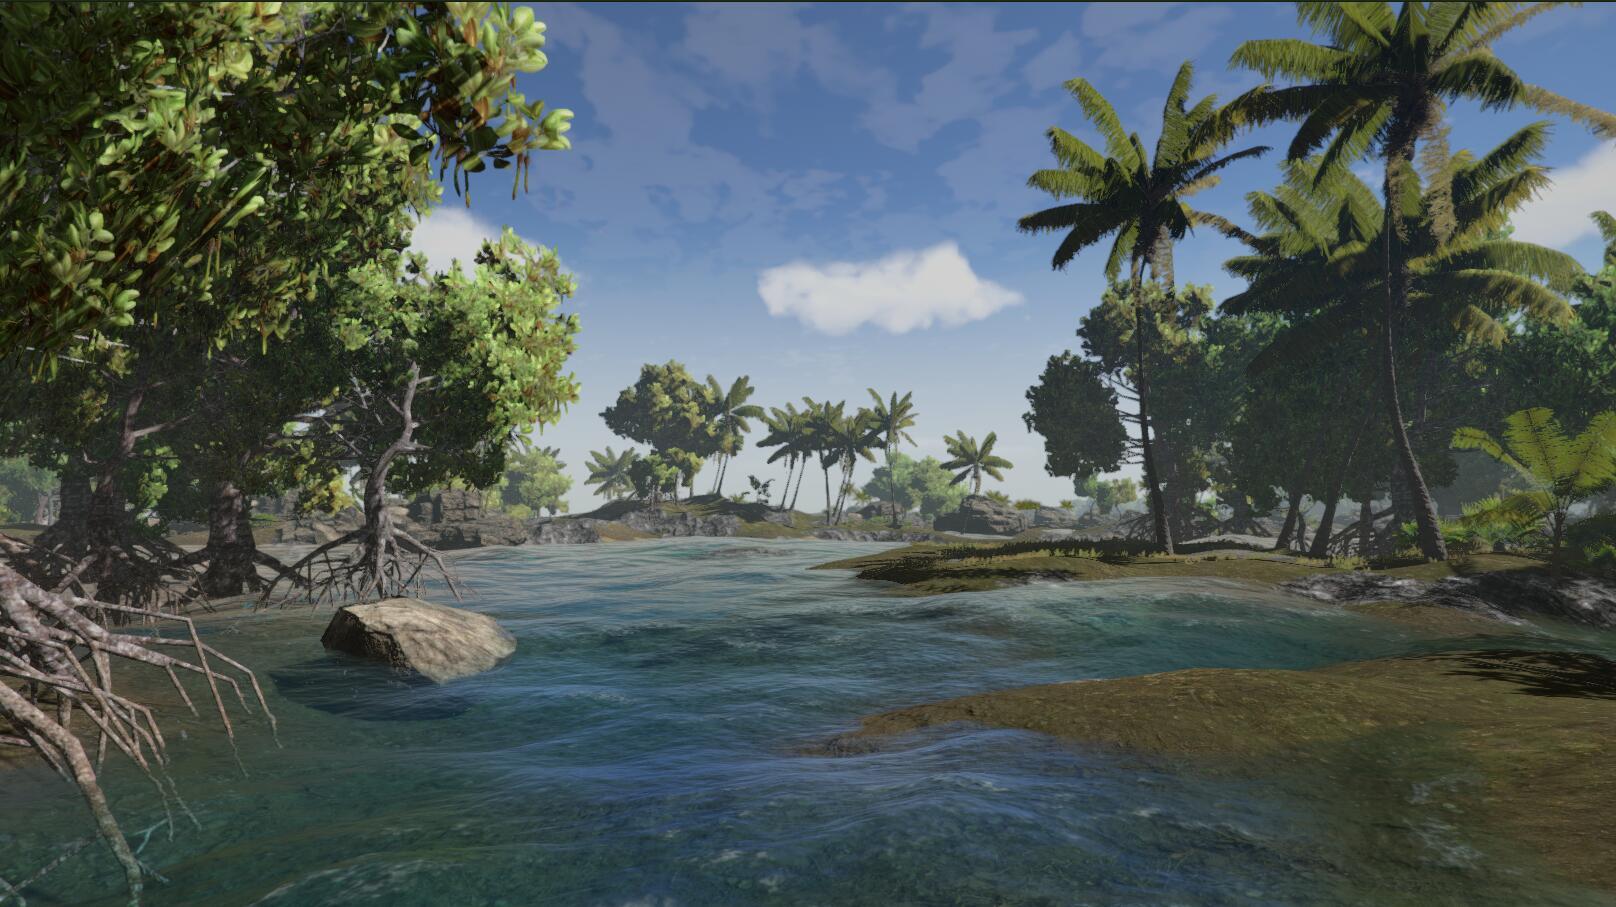 MangroveScene03